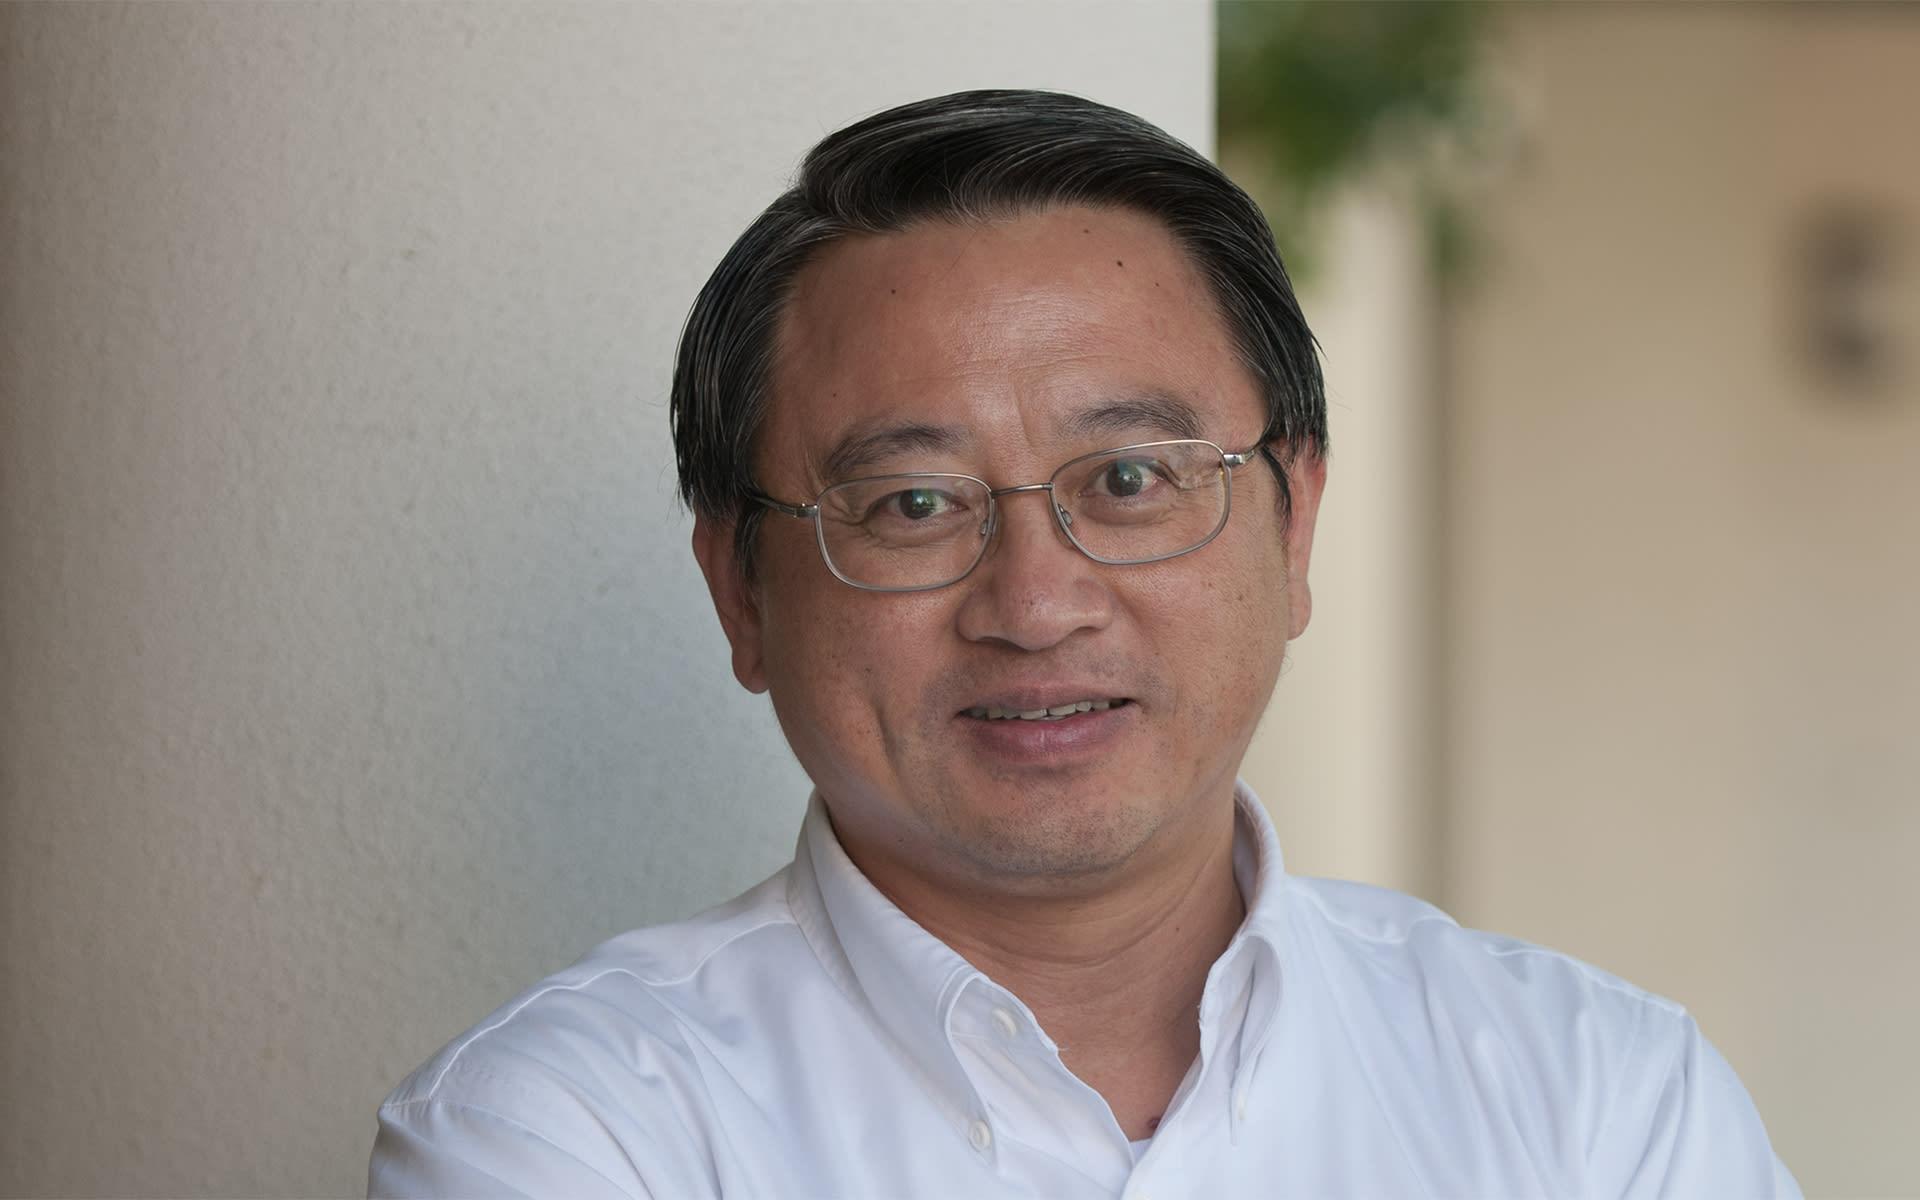 Ed Shyu